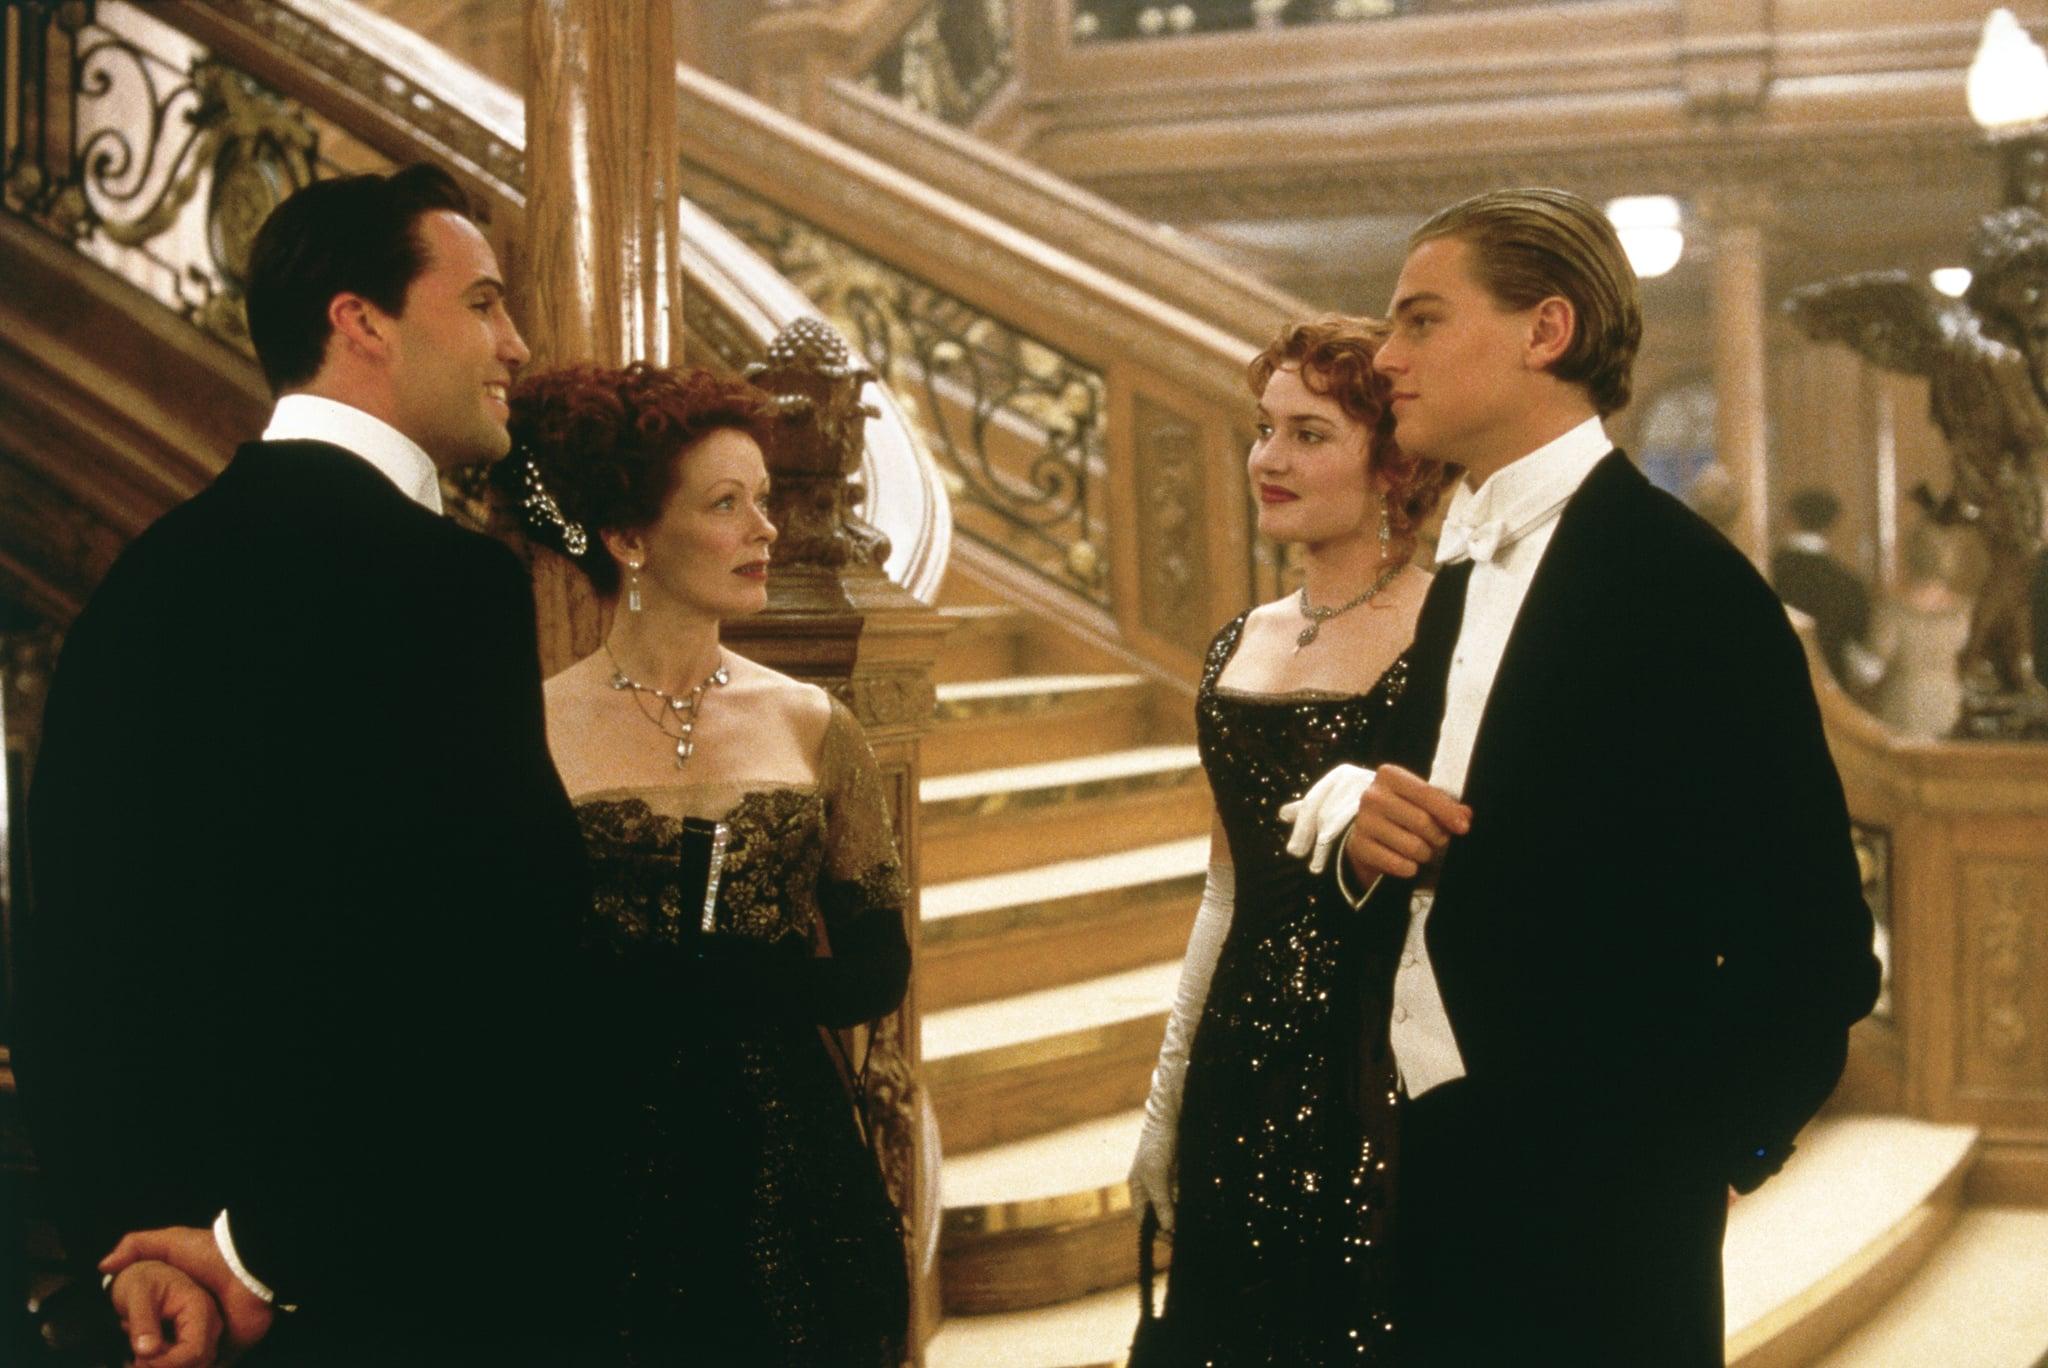 Billy Zane, Frances Fisher, Kate Winslet, and Leonardo DiCaprio in Titanic.